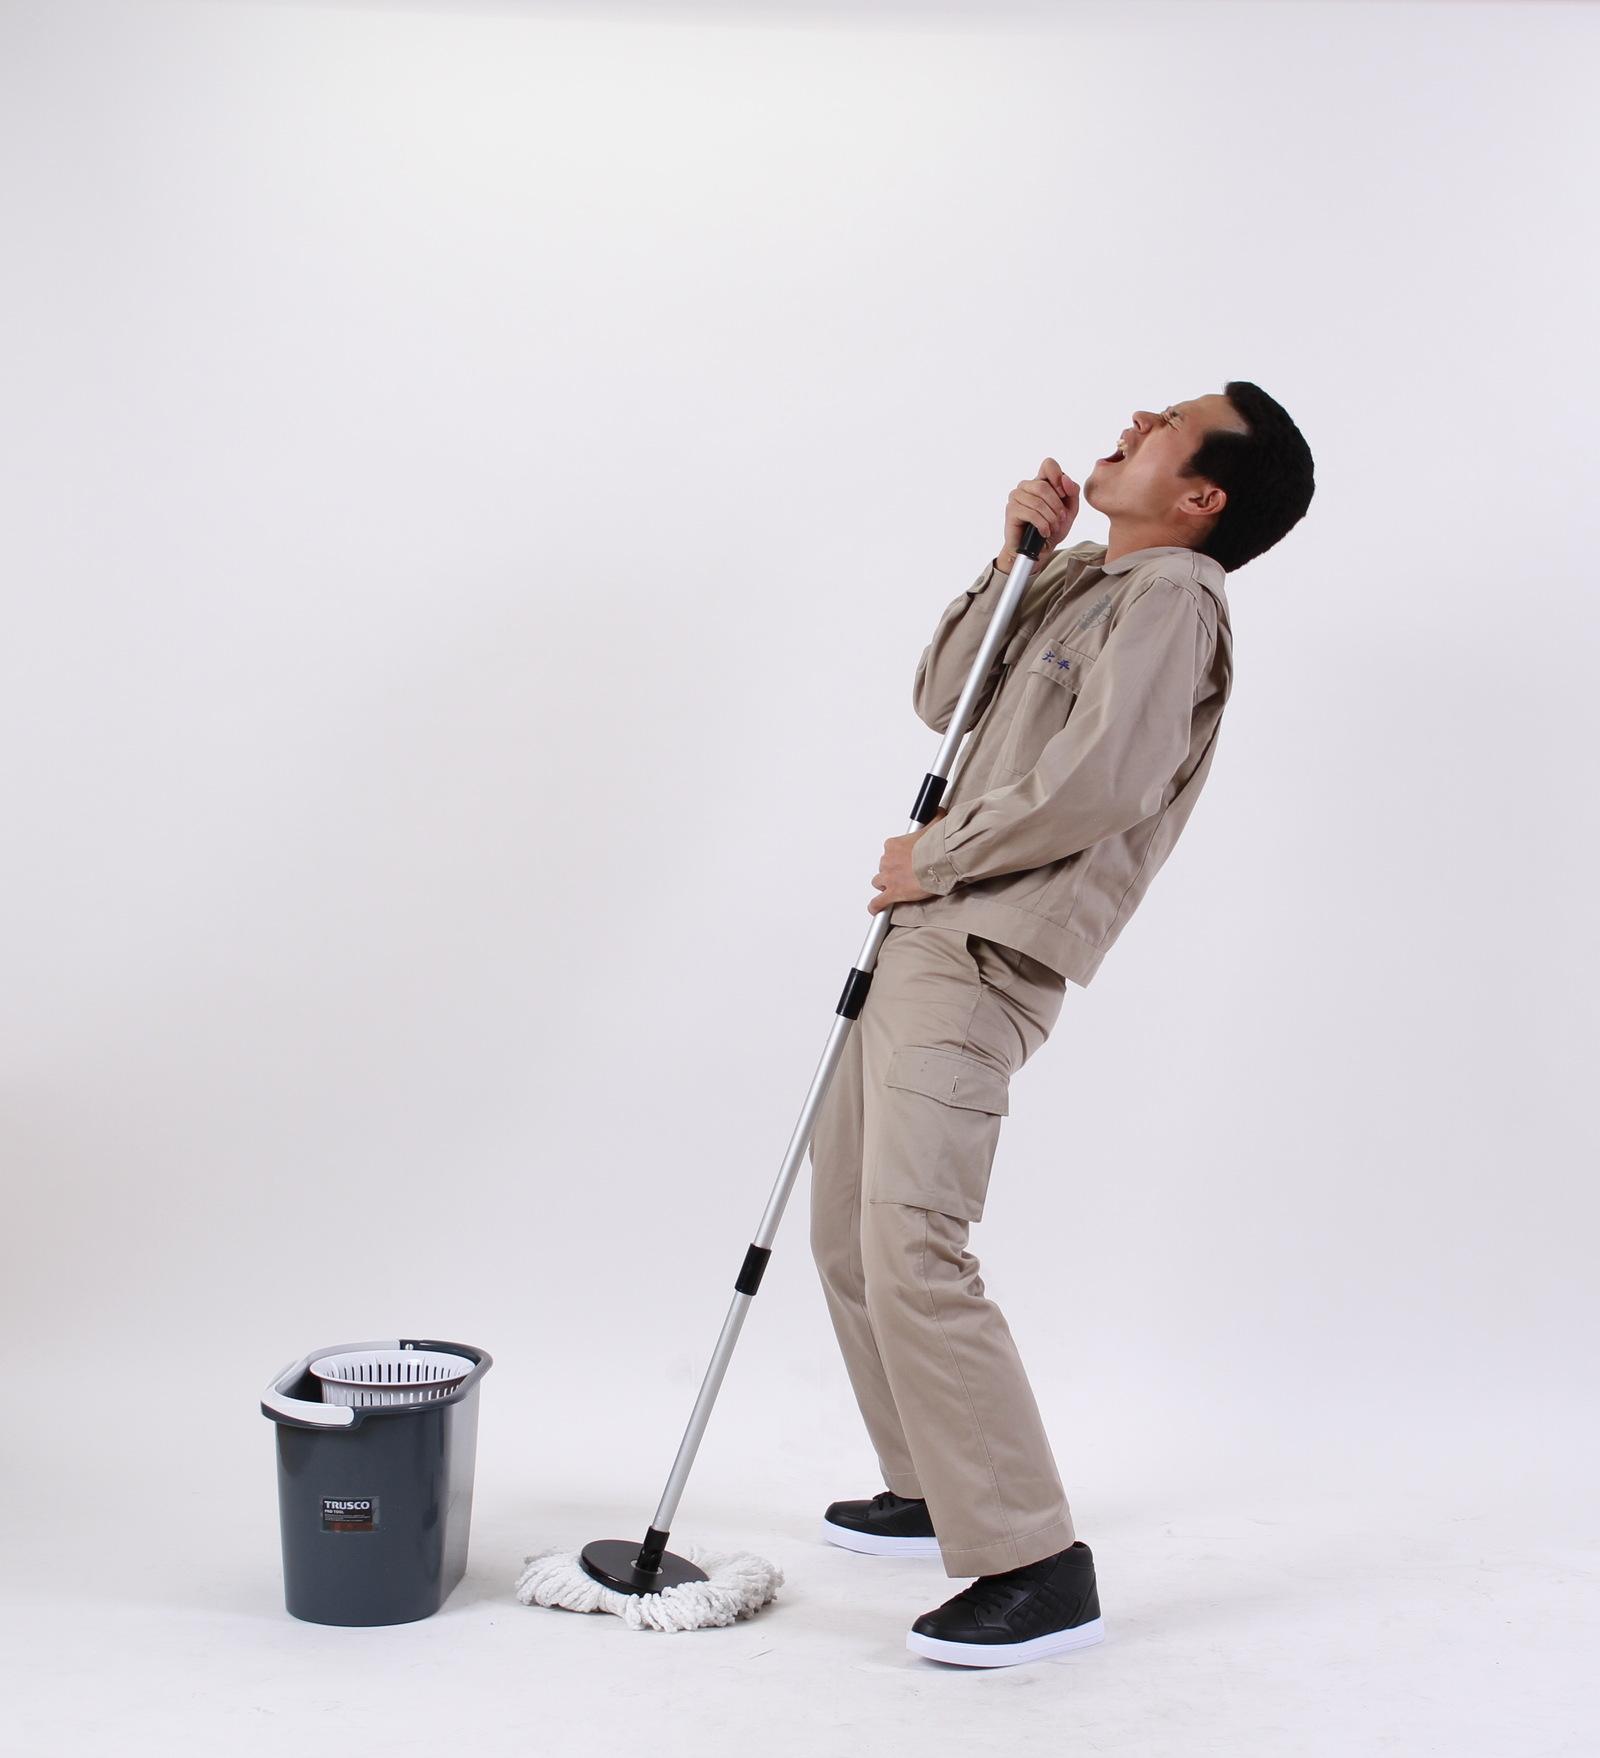 [01]掃除中にやりがちなボケを披露する兄貴,シニア,写真,画像,素材,老人,高齢者,フリー